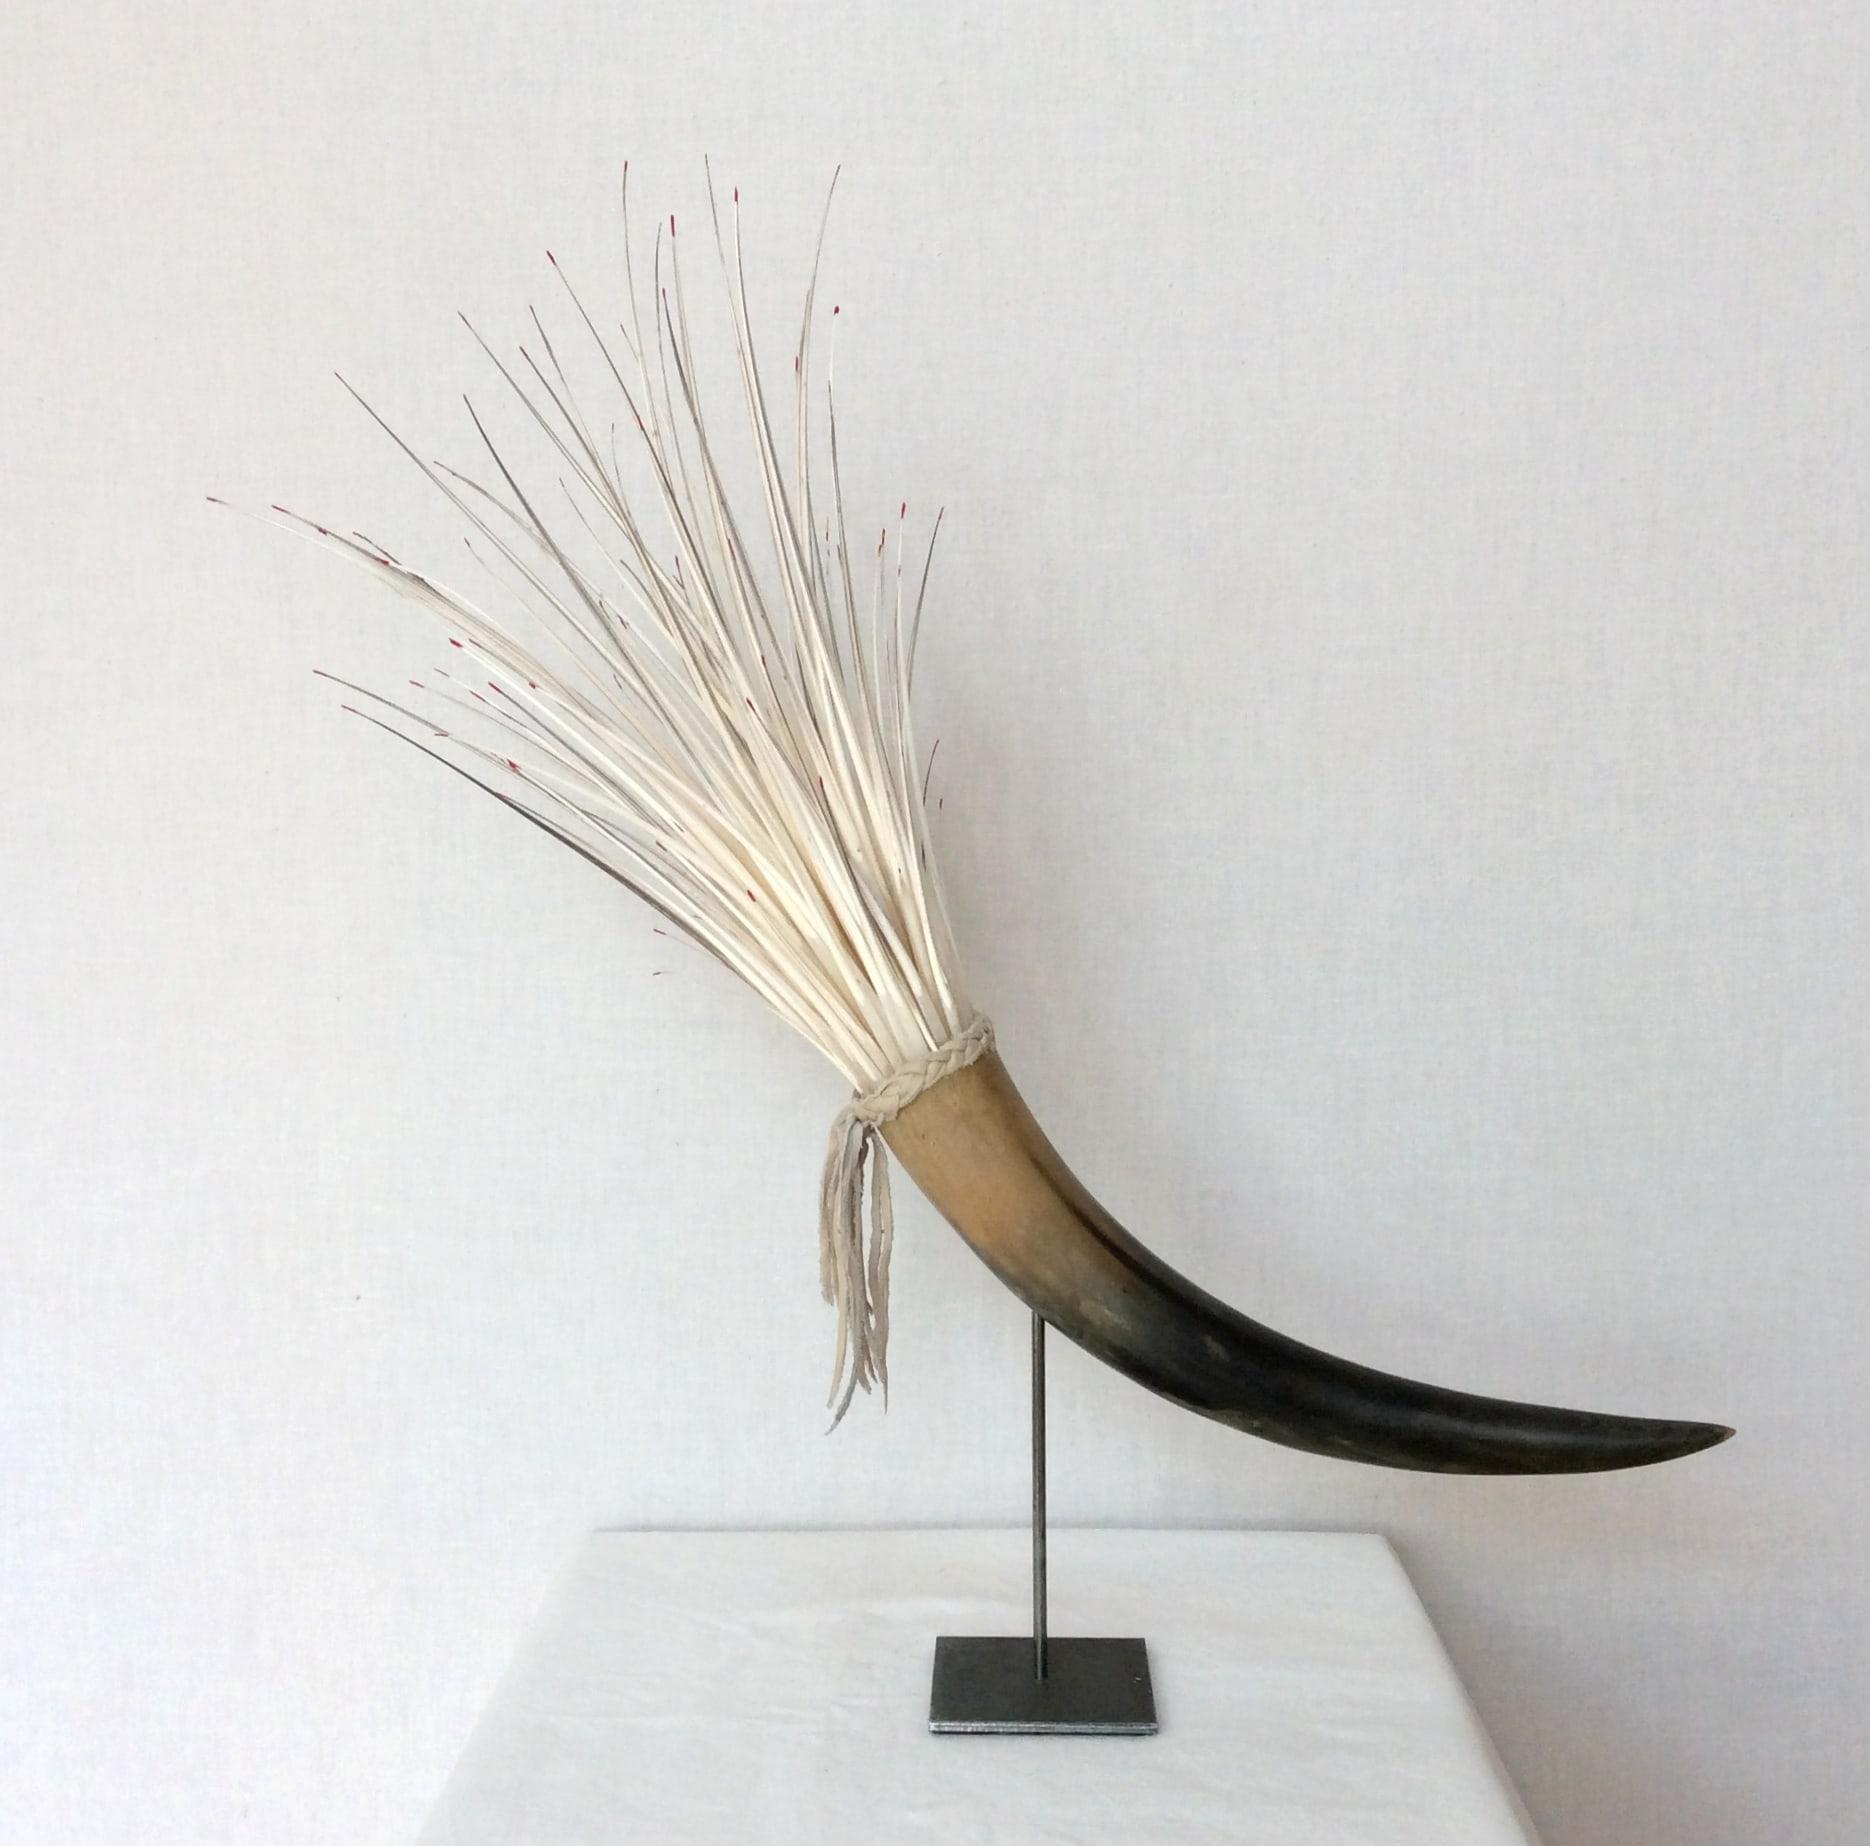 Objekt Höhe: 0,55 m Horn / Federkiel (2019)